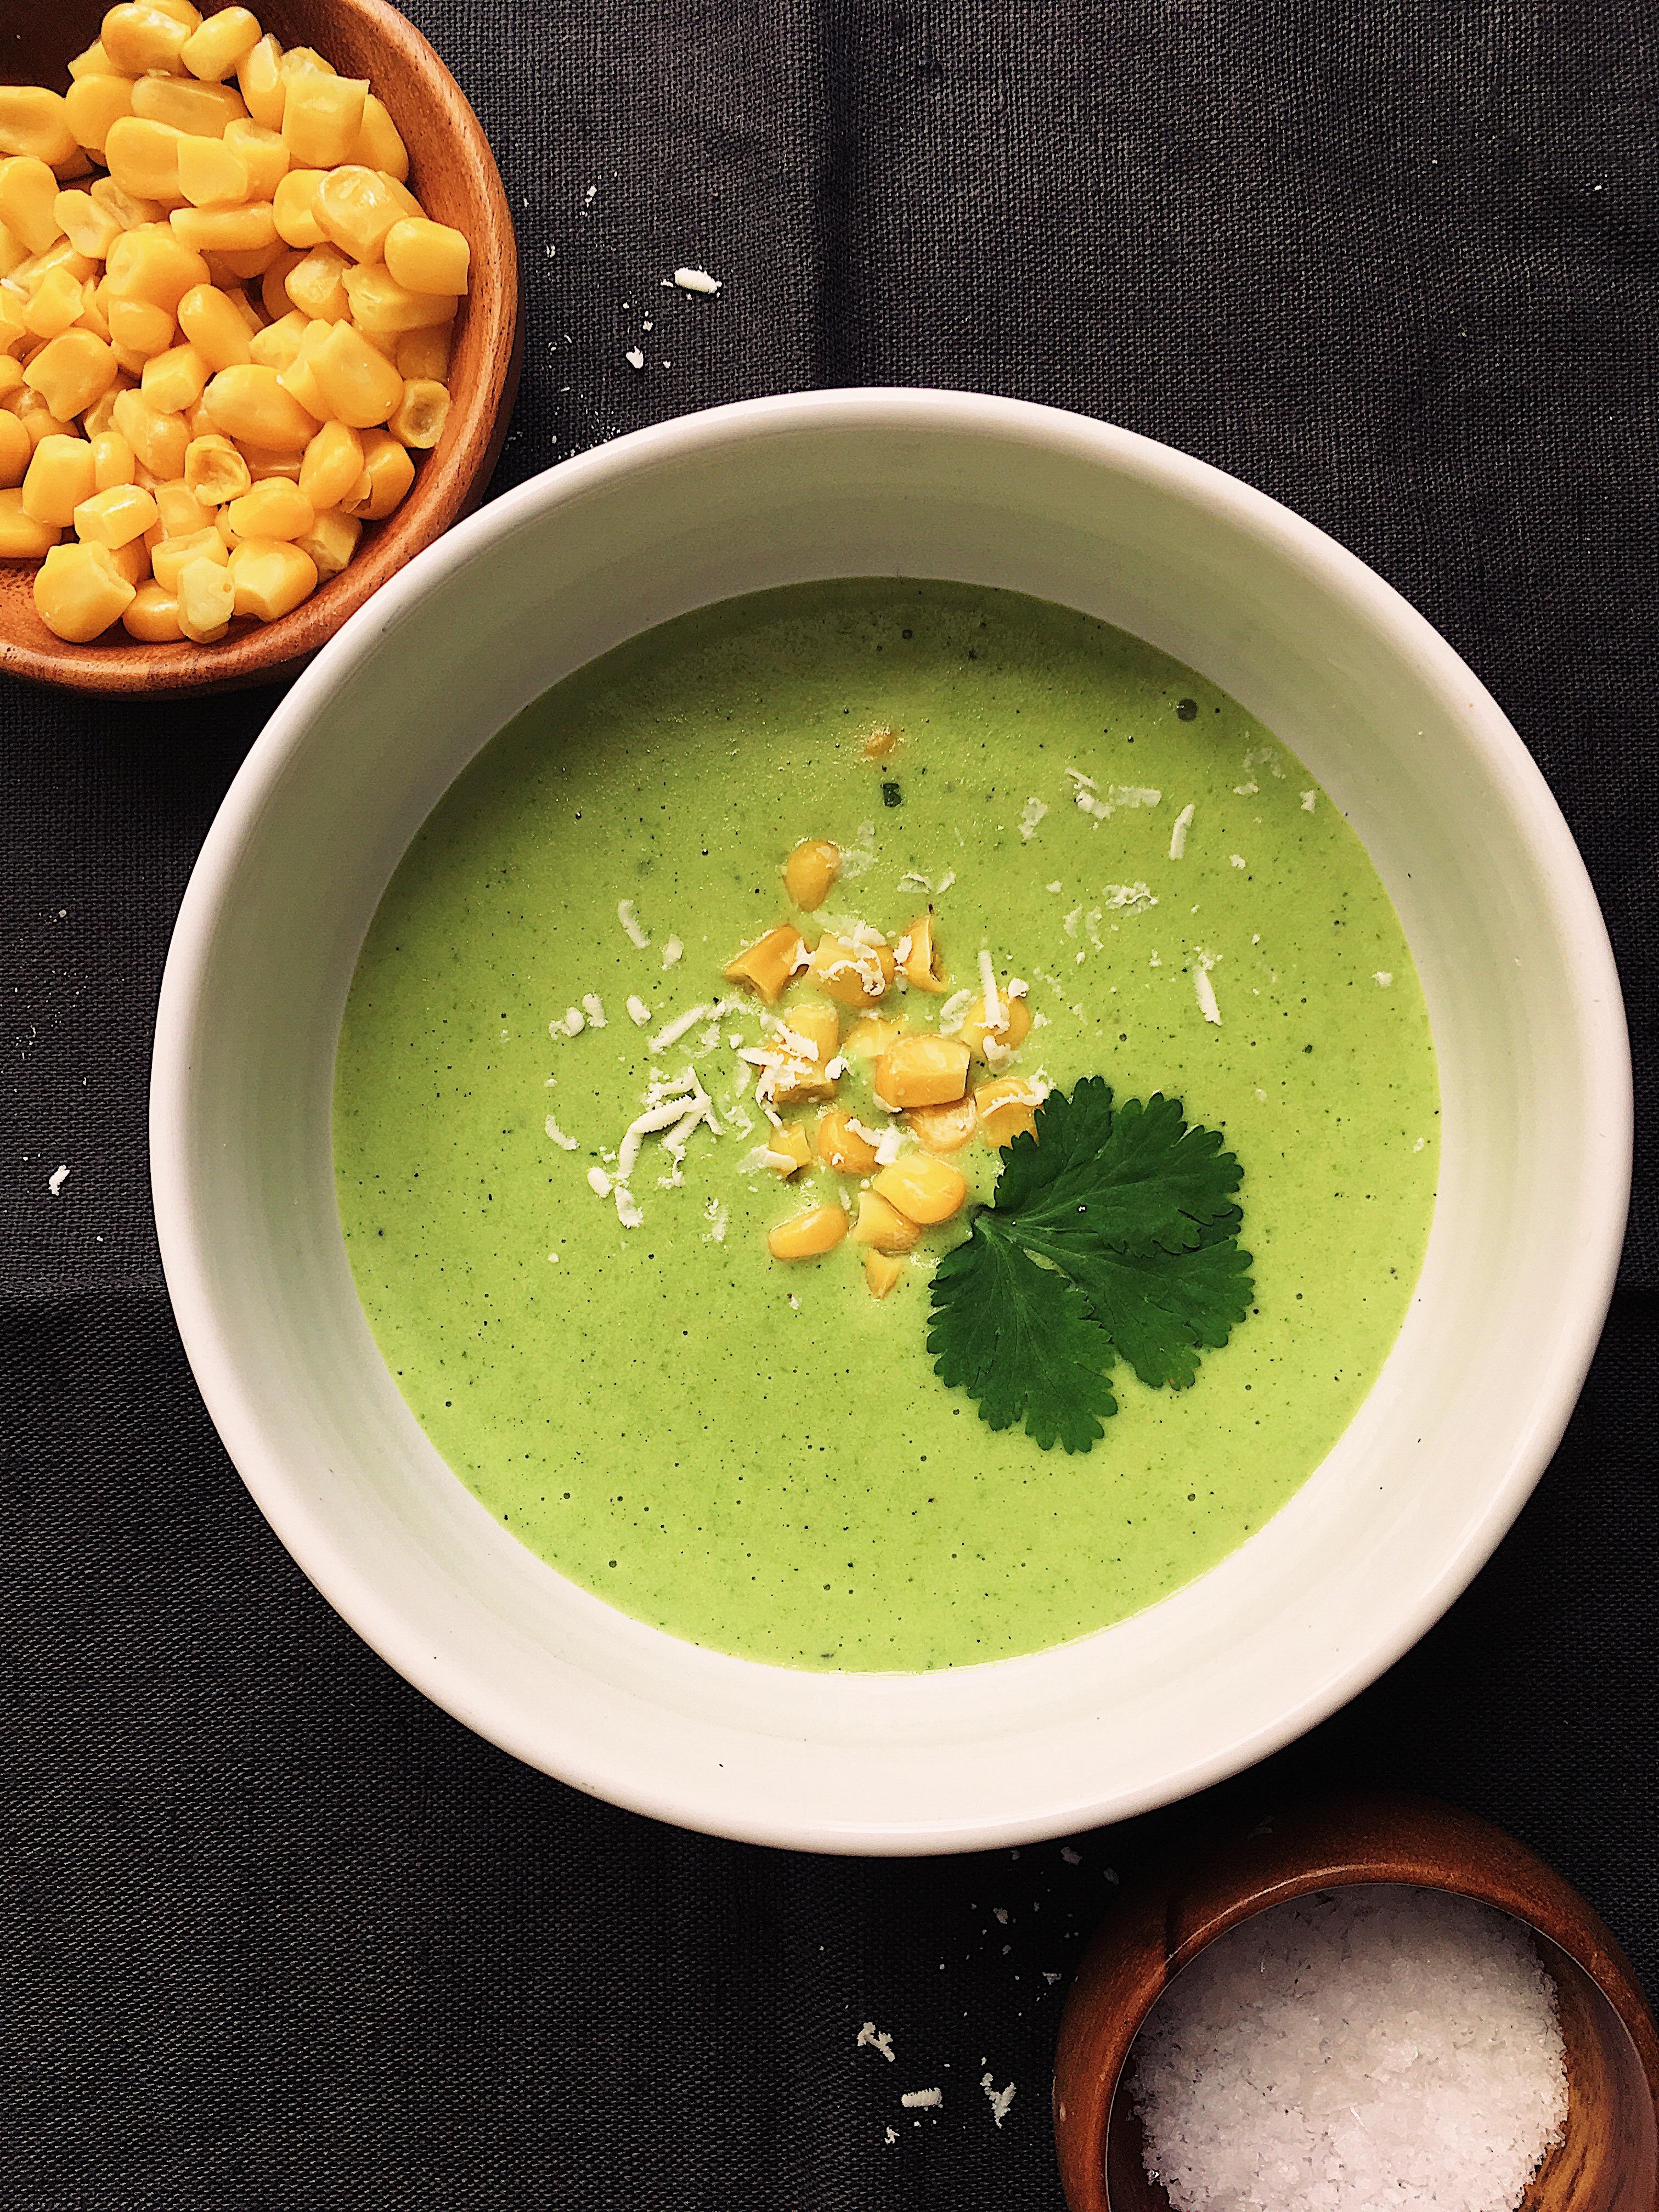 Crema de Rajas (Poblano Rajas Cream Soup)